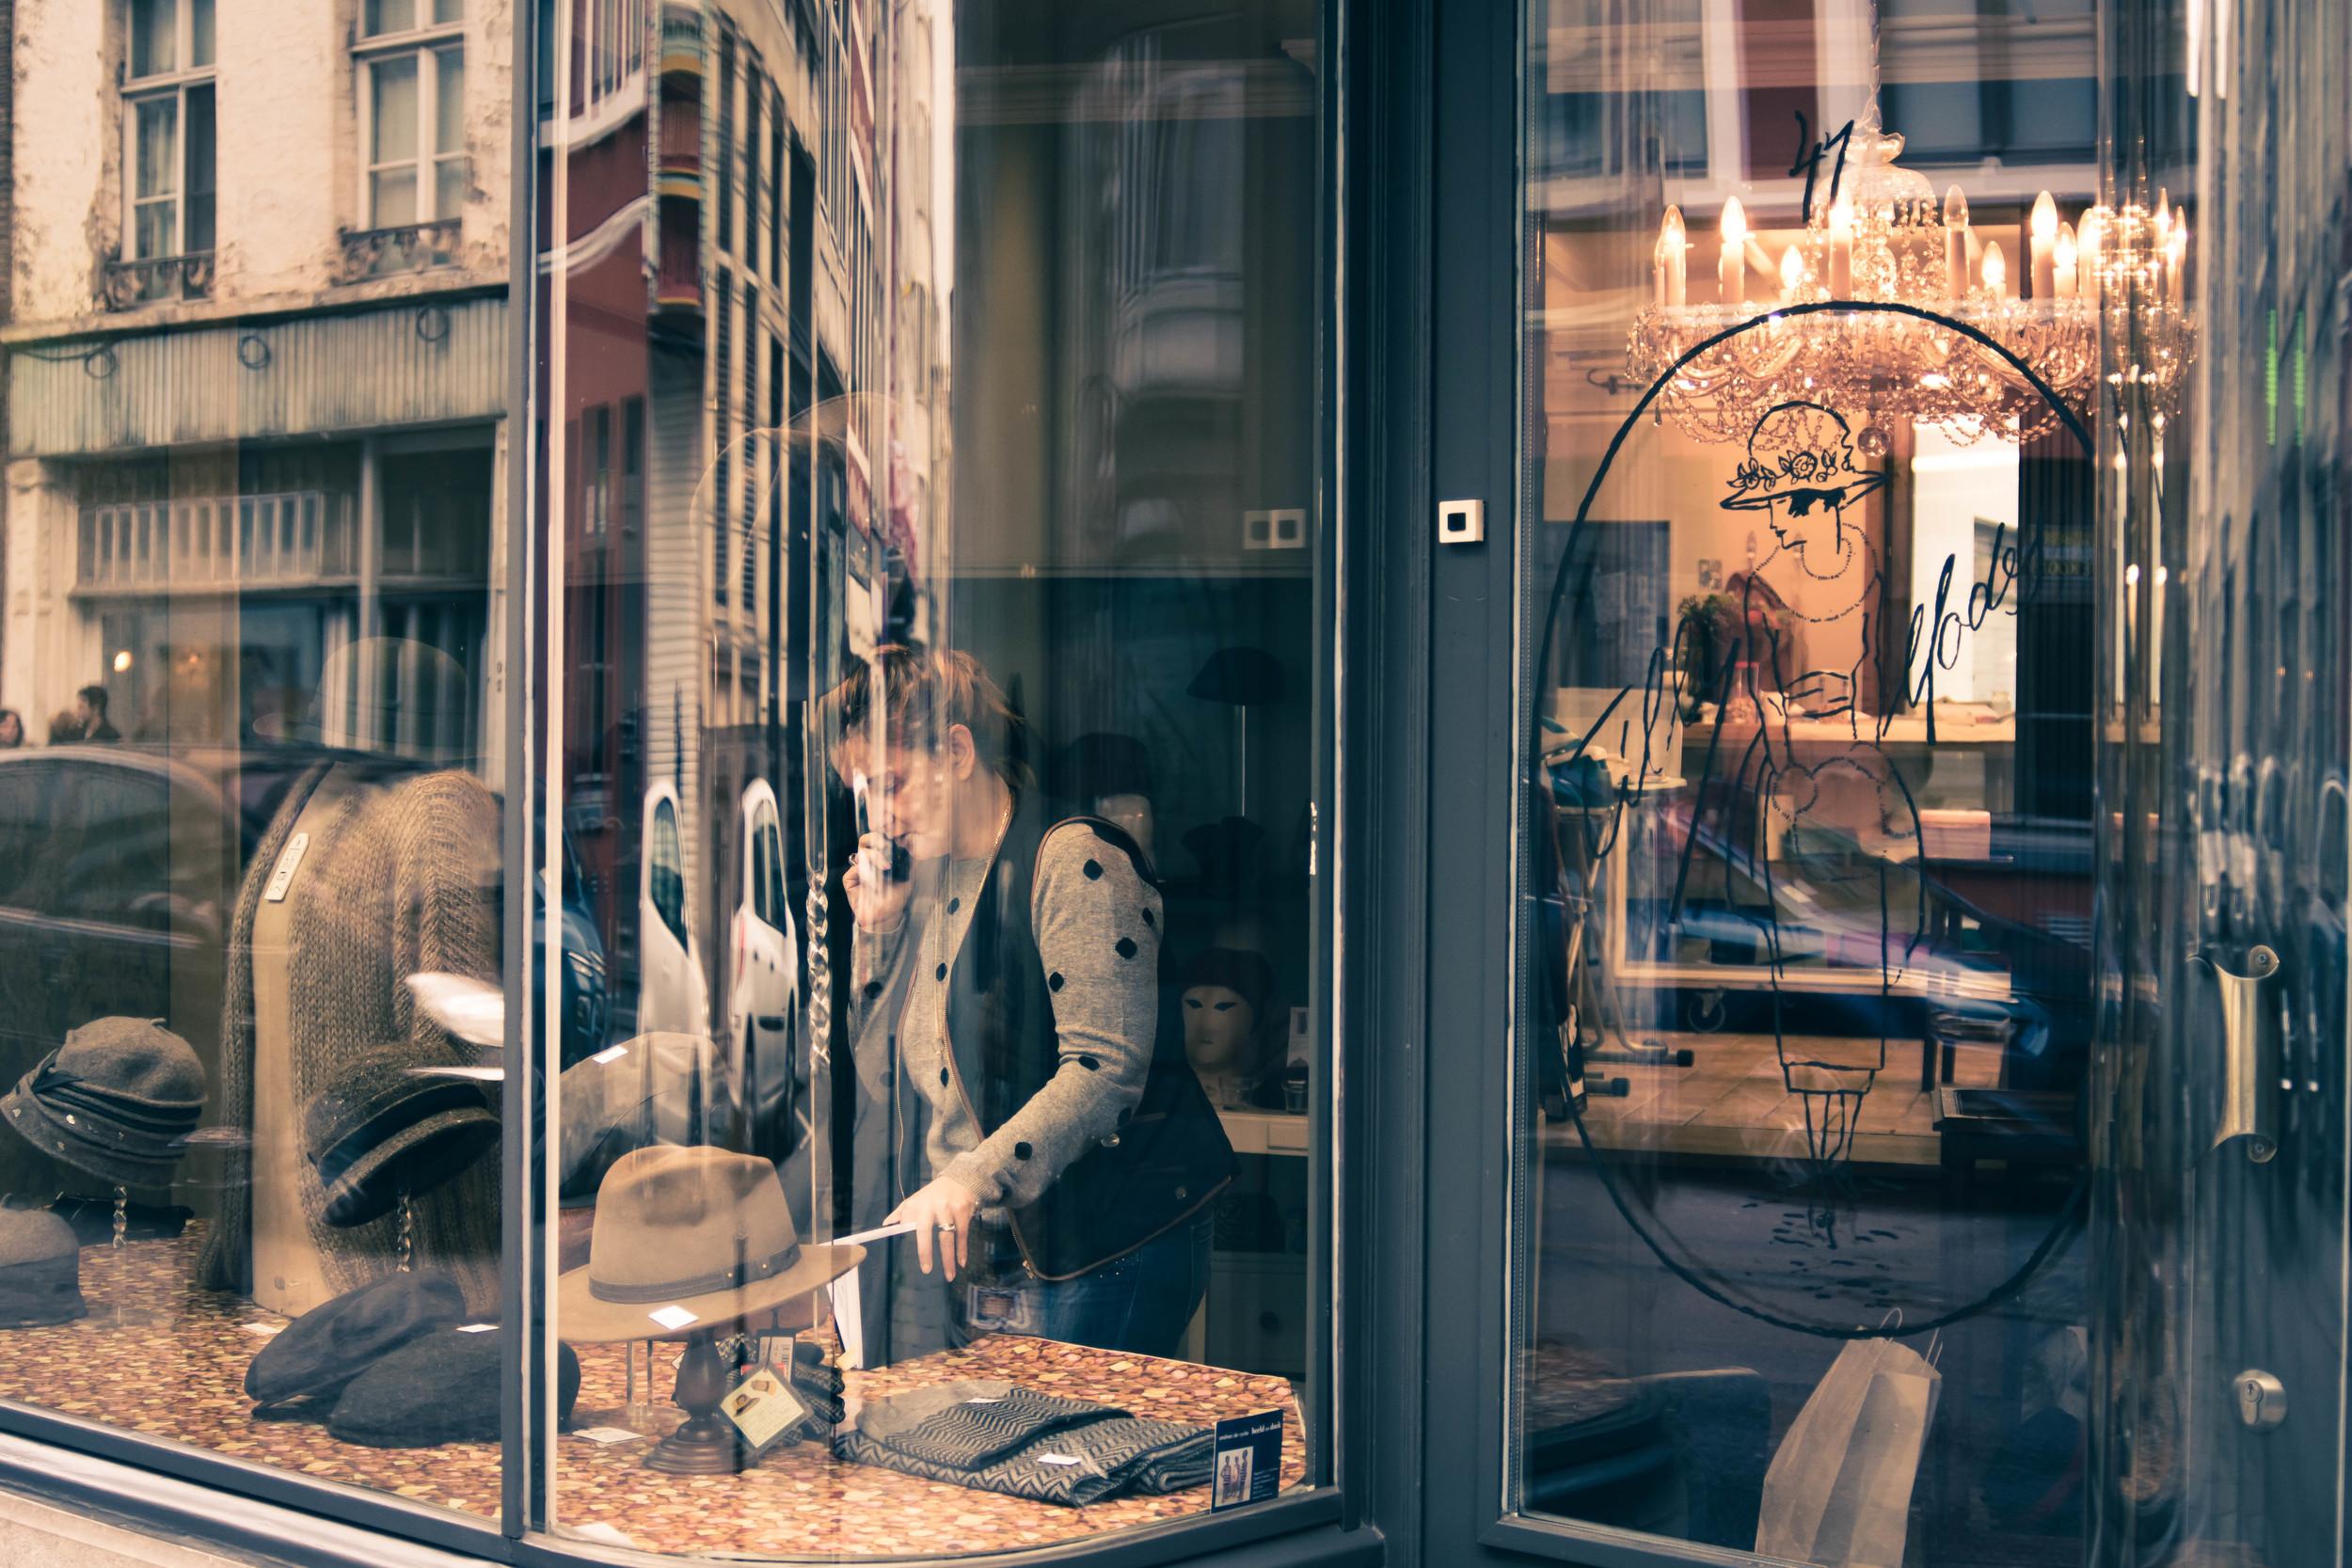 Deze hoedenwinkel vind je terug in de Lange Violettestraat in Gent. Thema straatfotografie.